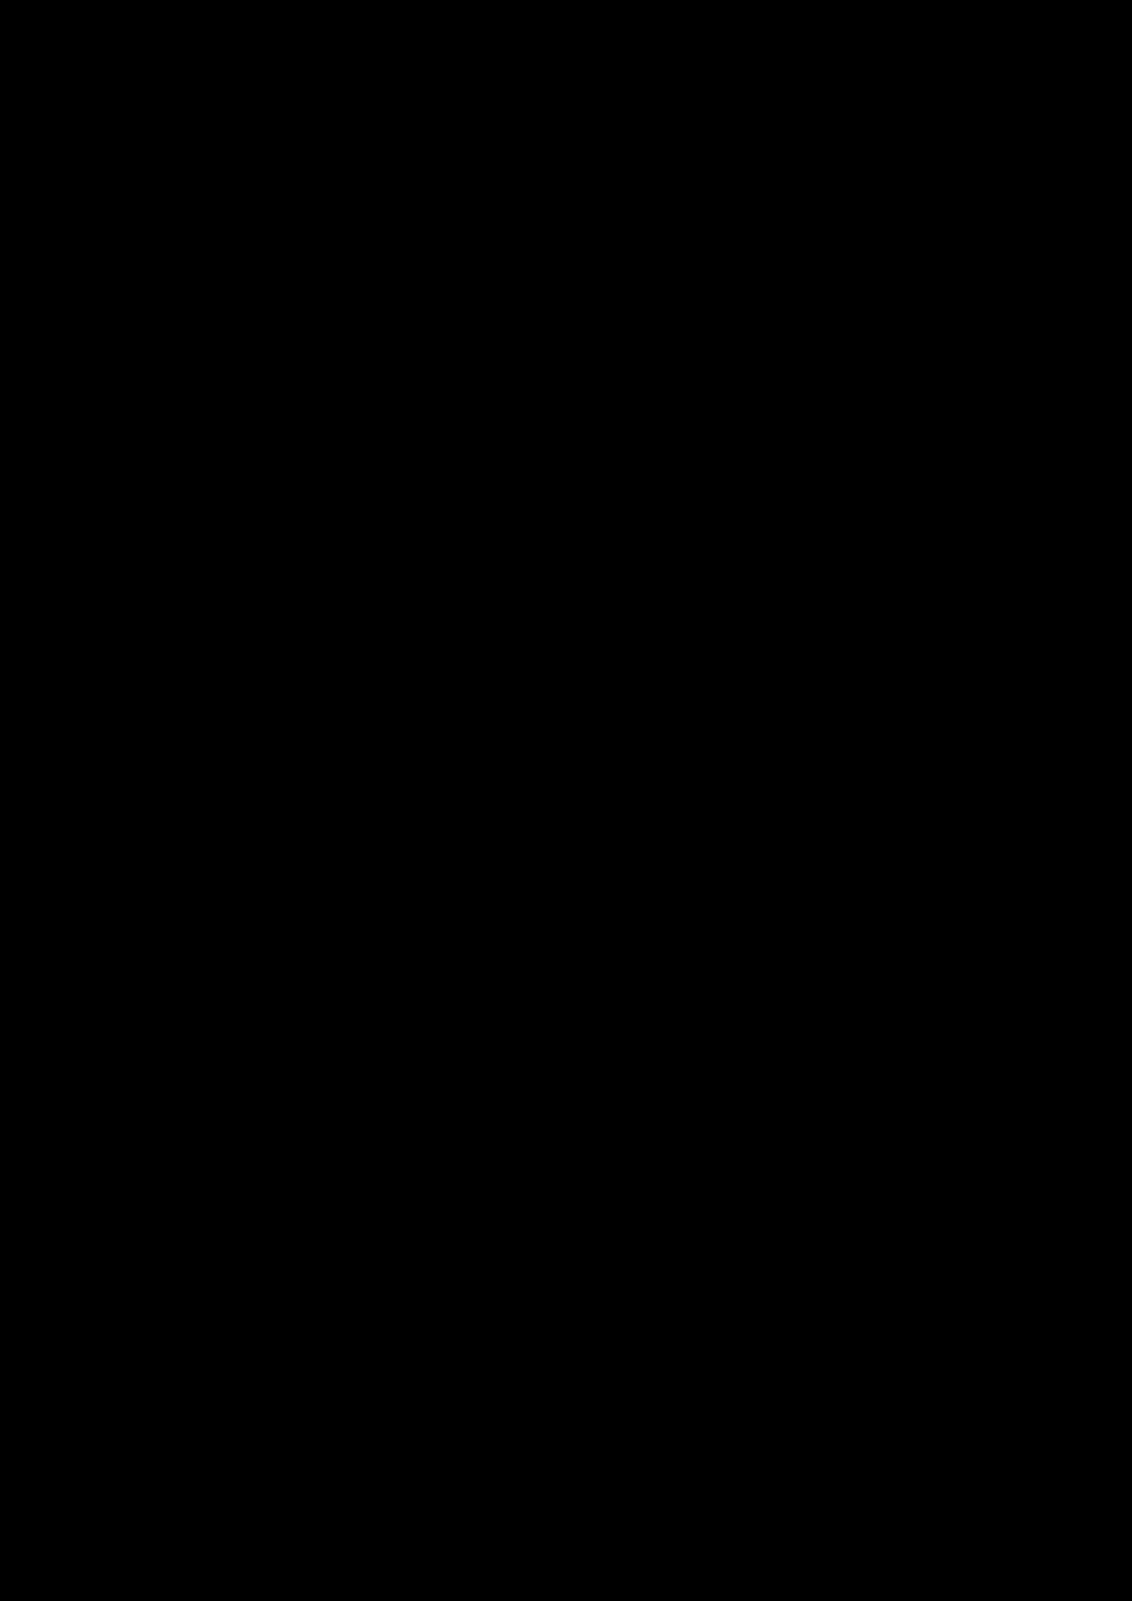 Zagadka volshebnoy stranyi slide, Image 189